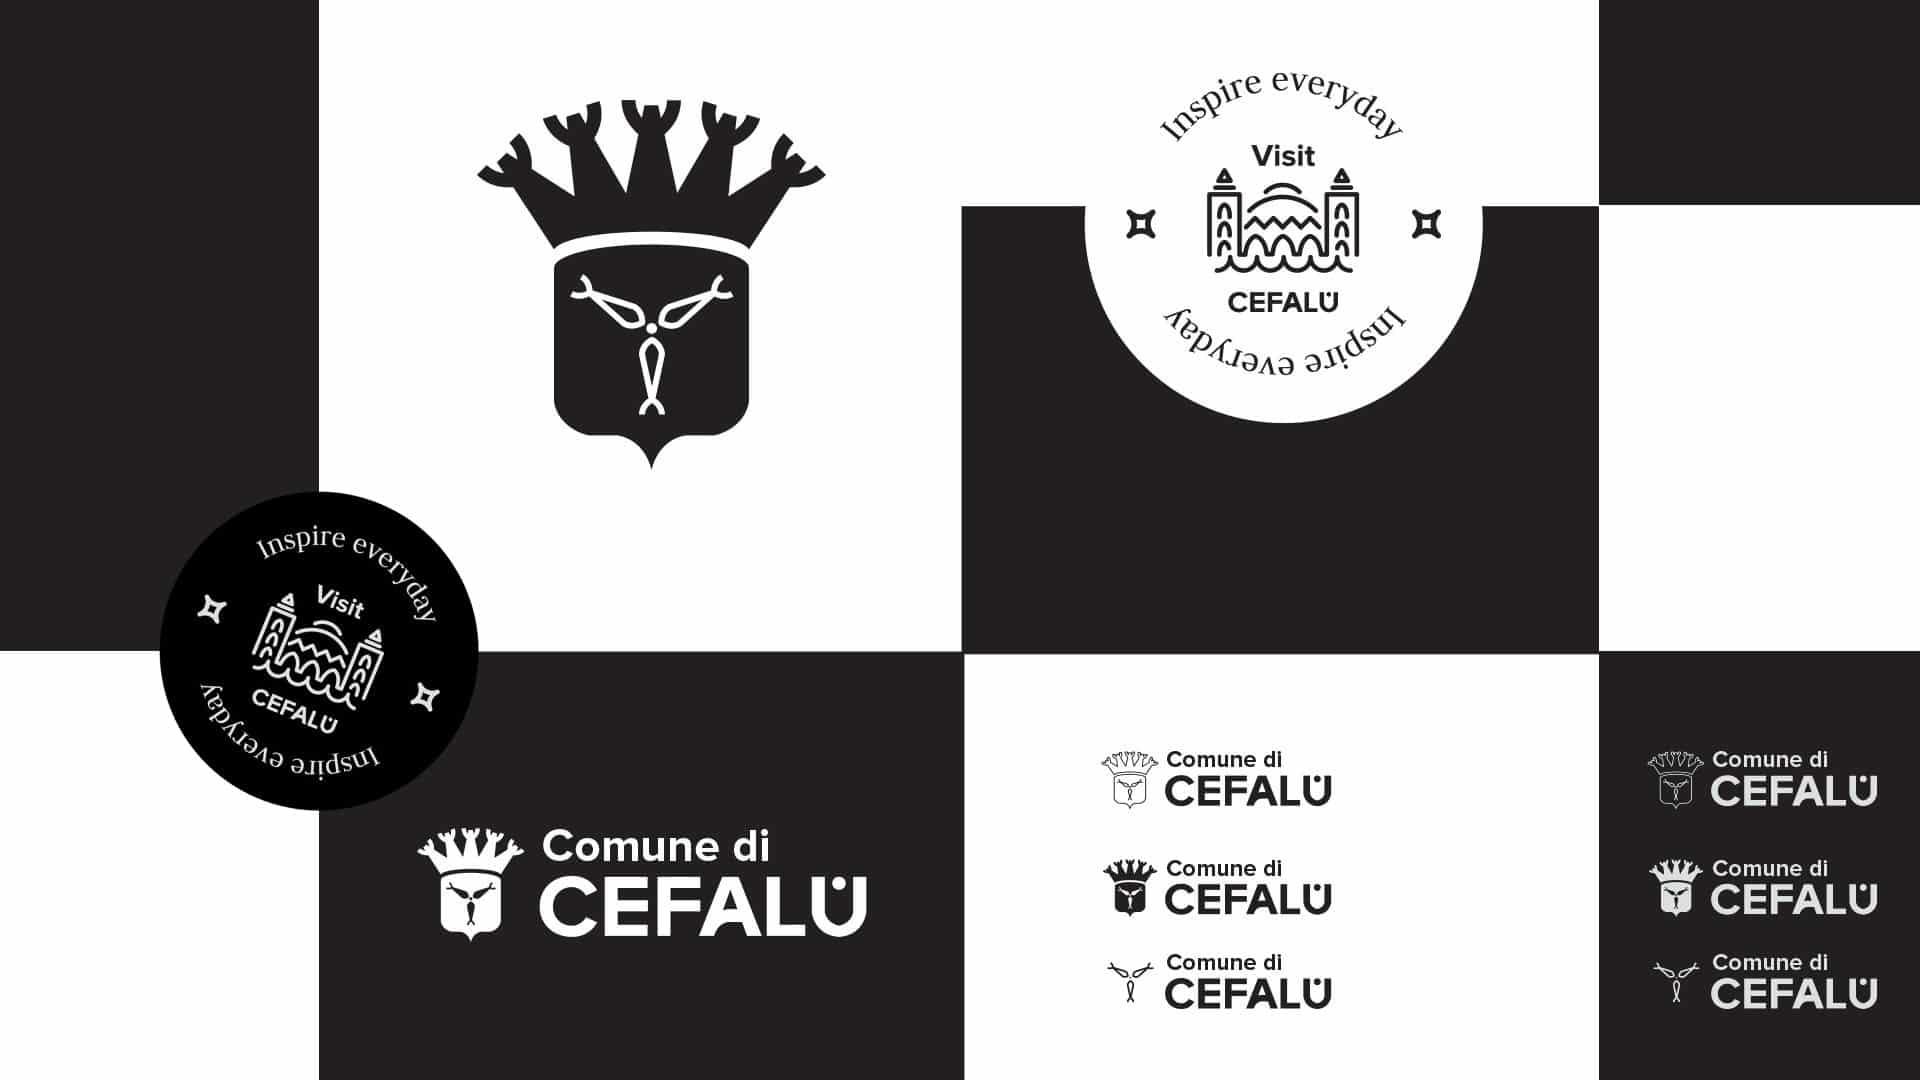 visit cefalu logotipo grafico milano asset